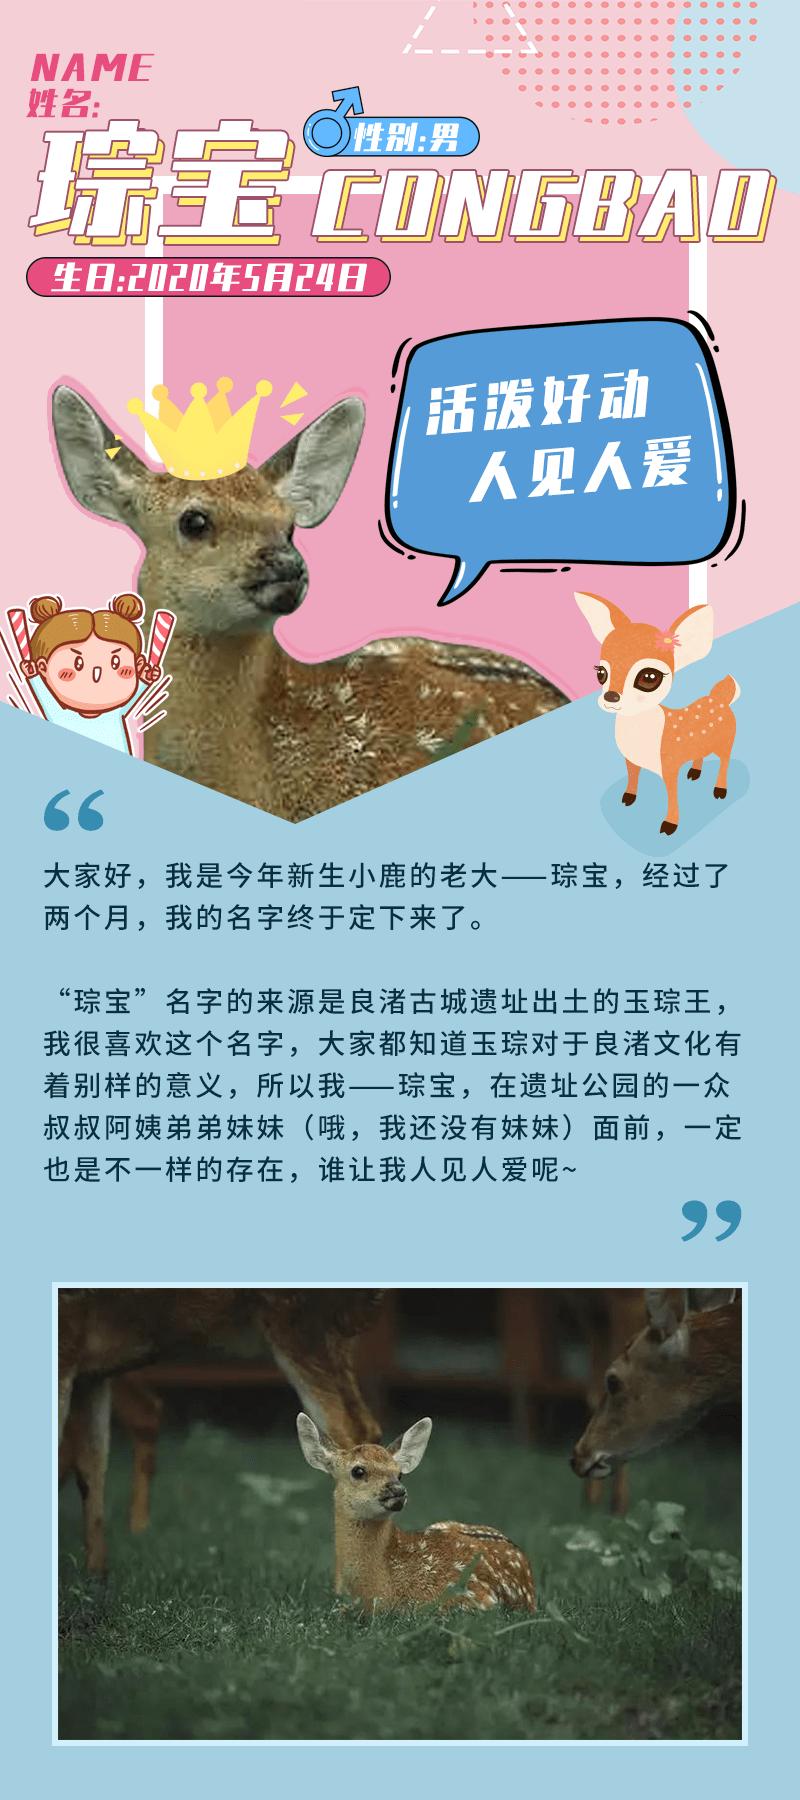 """琮宝、圆宝、桃宝……良渚古城四只新生的""""网红""""小鹿都有名字啦!"""